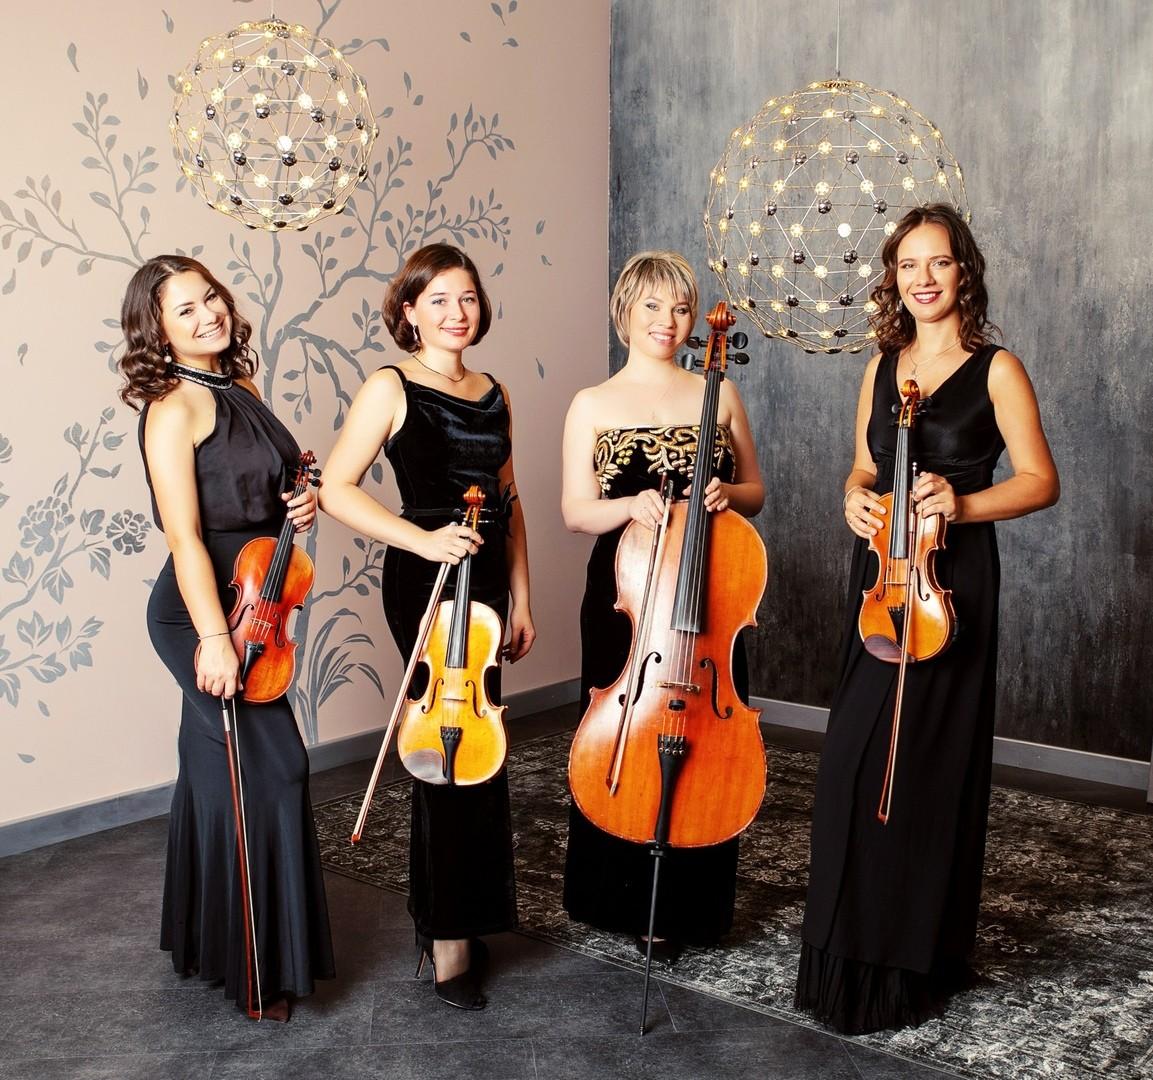 Концерт «Под музыку Вивальди» со скидкой 50%